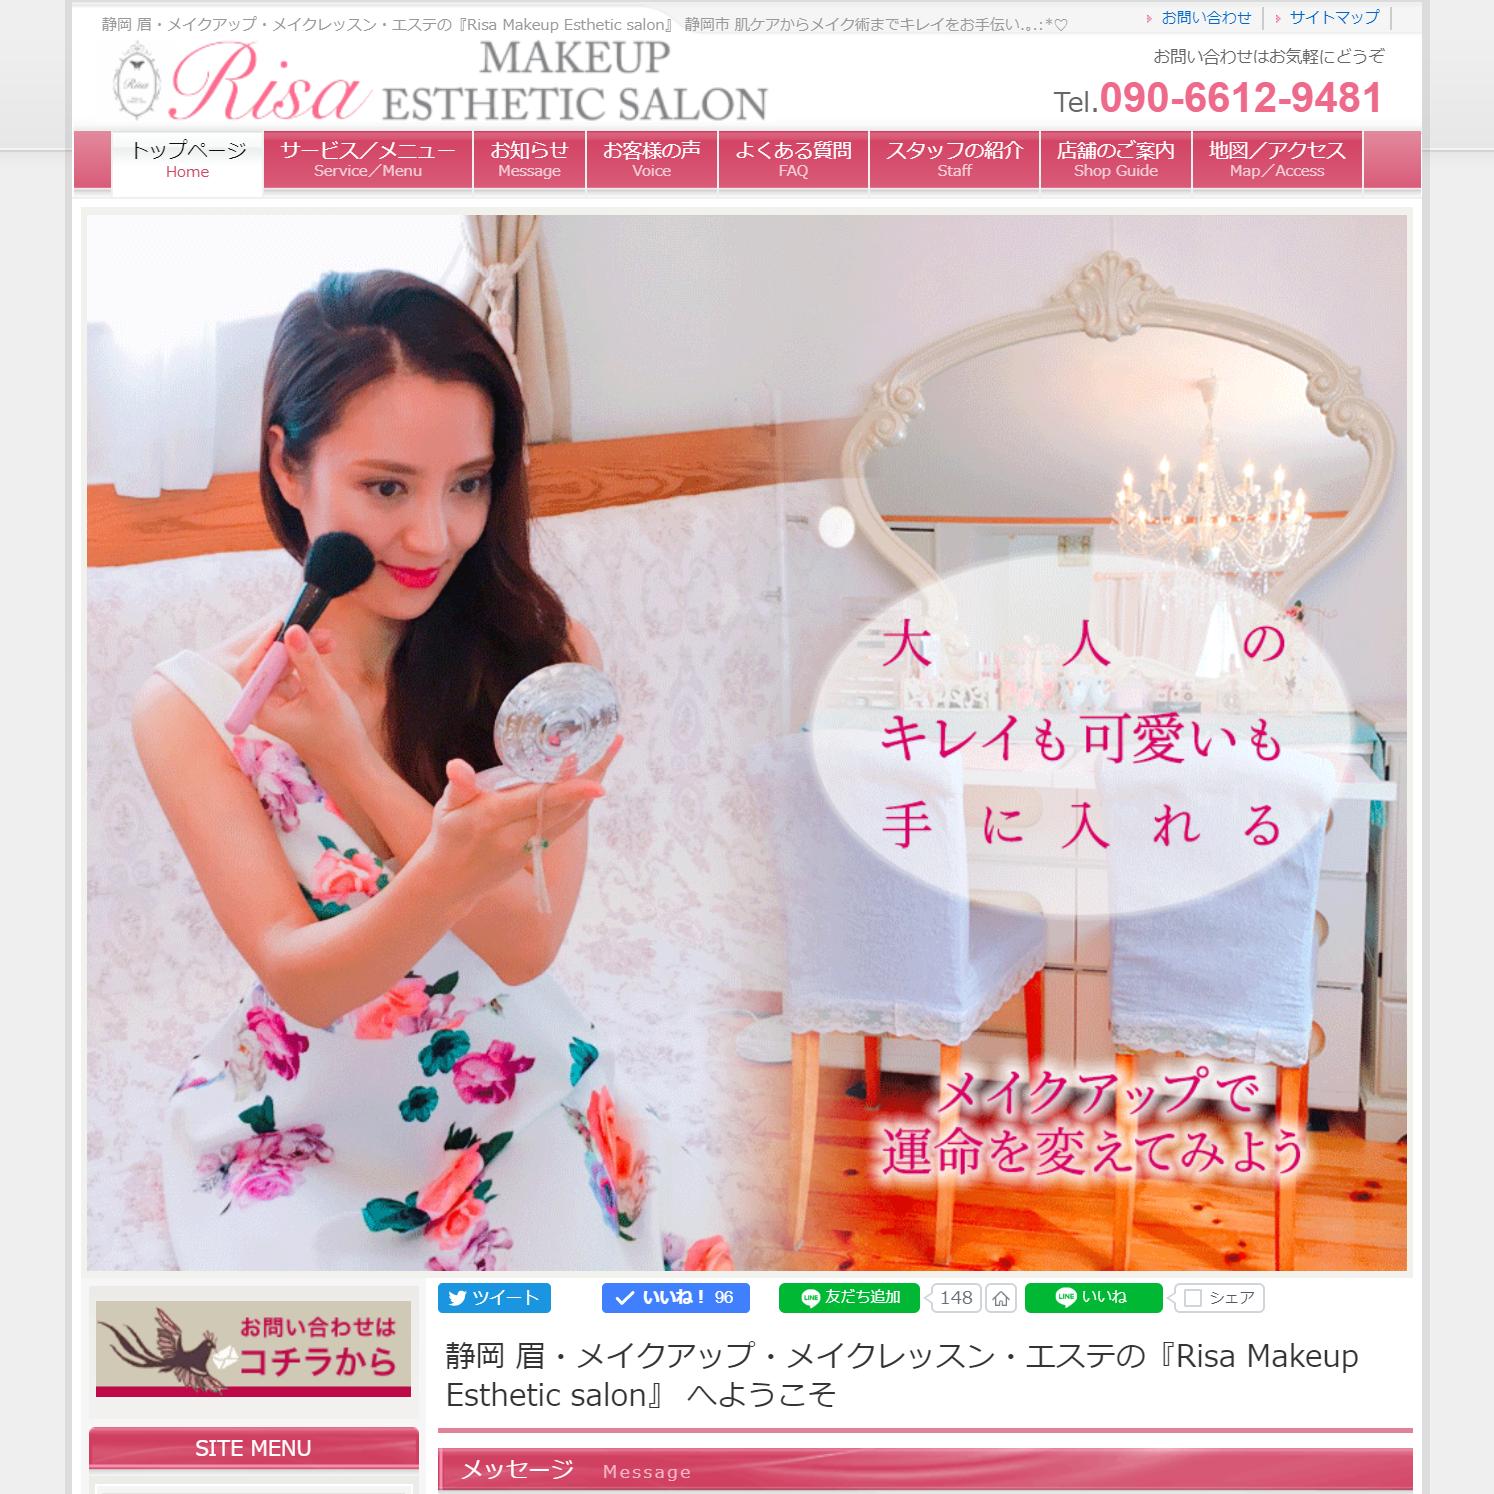 静岡 眉・メイクアップ・メイクレッスン・エステの『Risa Makeup Esthetic salon』